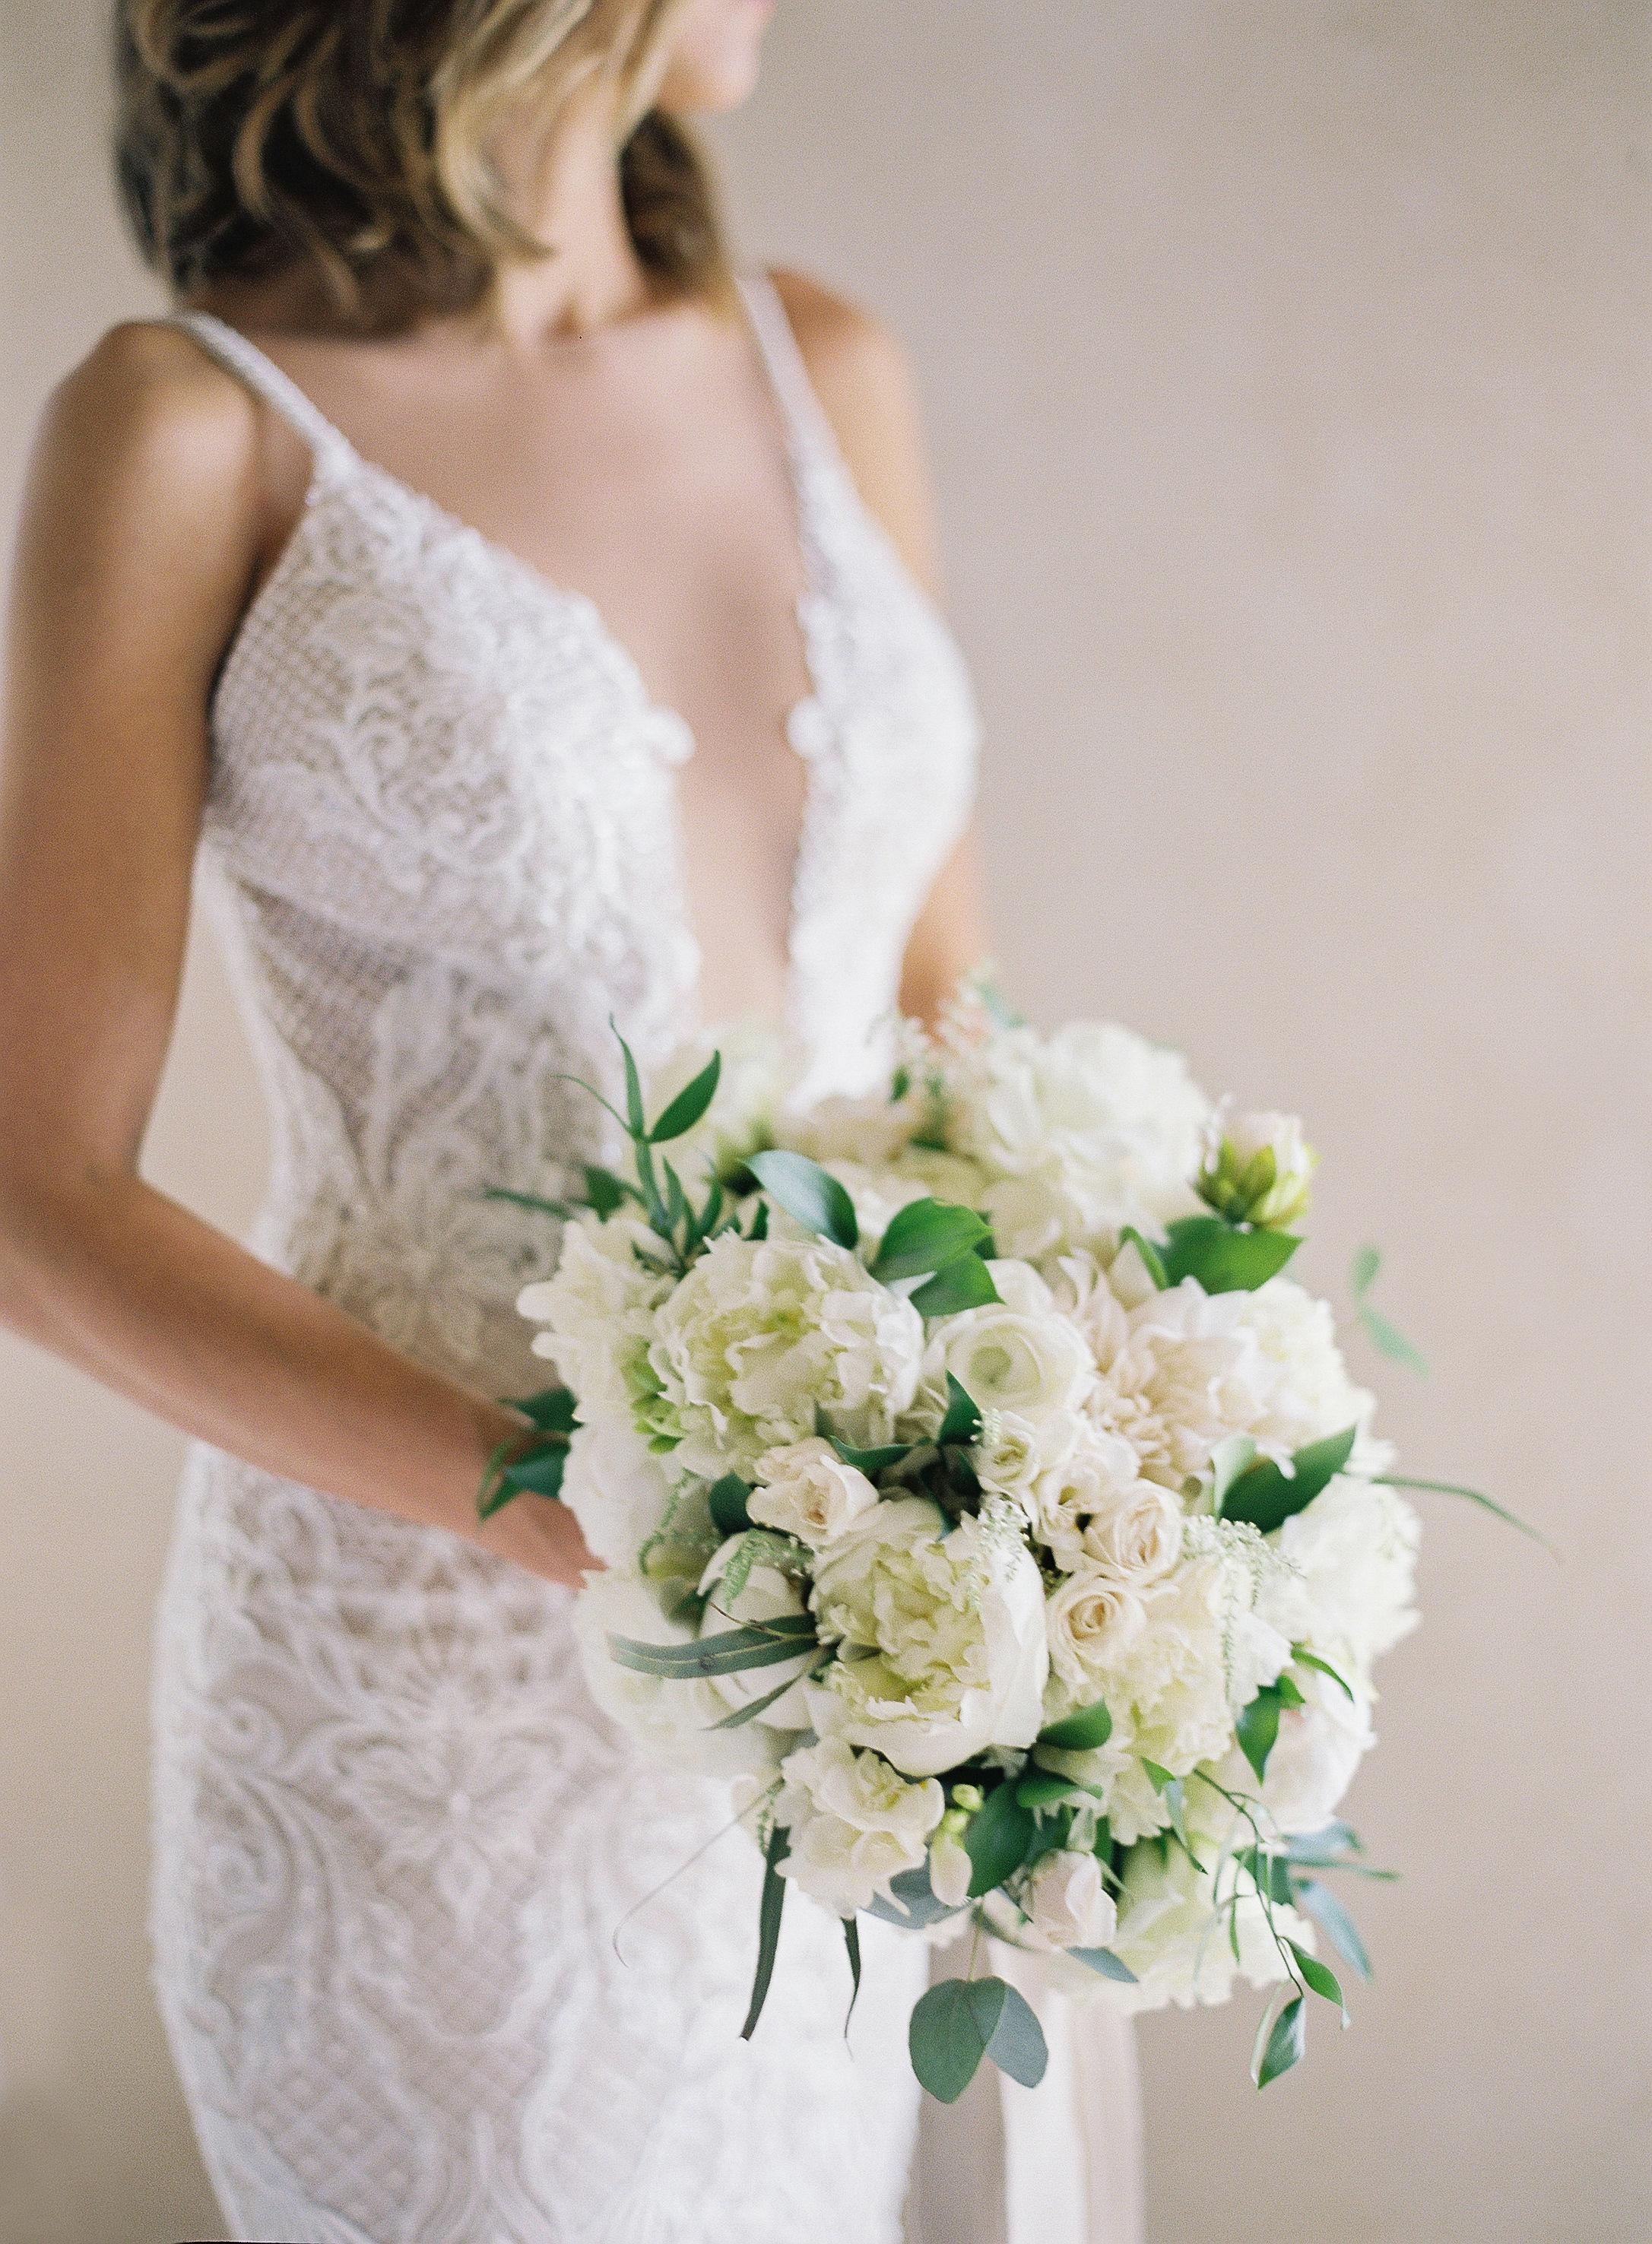 jessica ryan bride wedding bouquet white